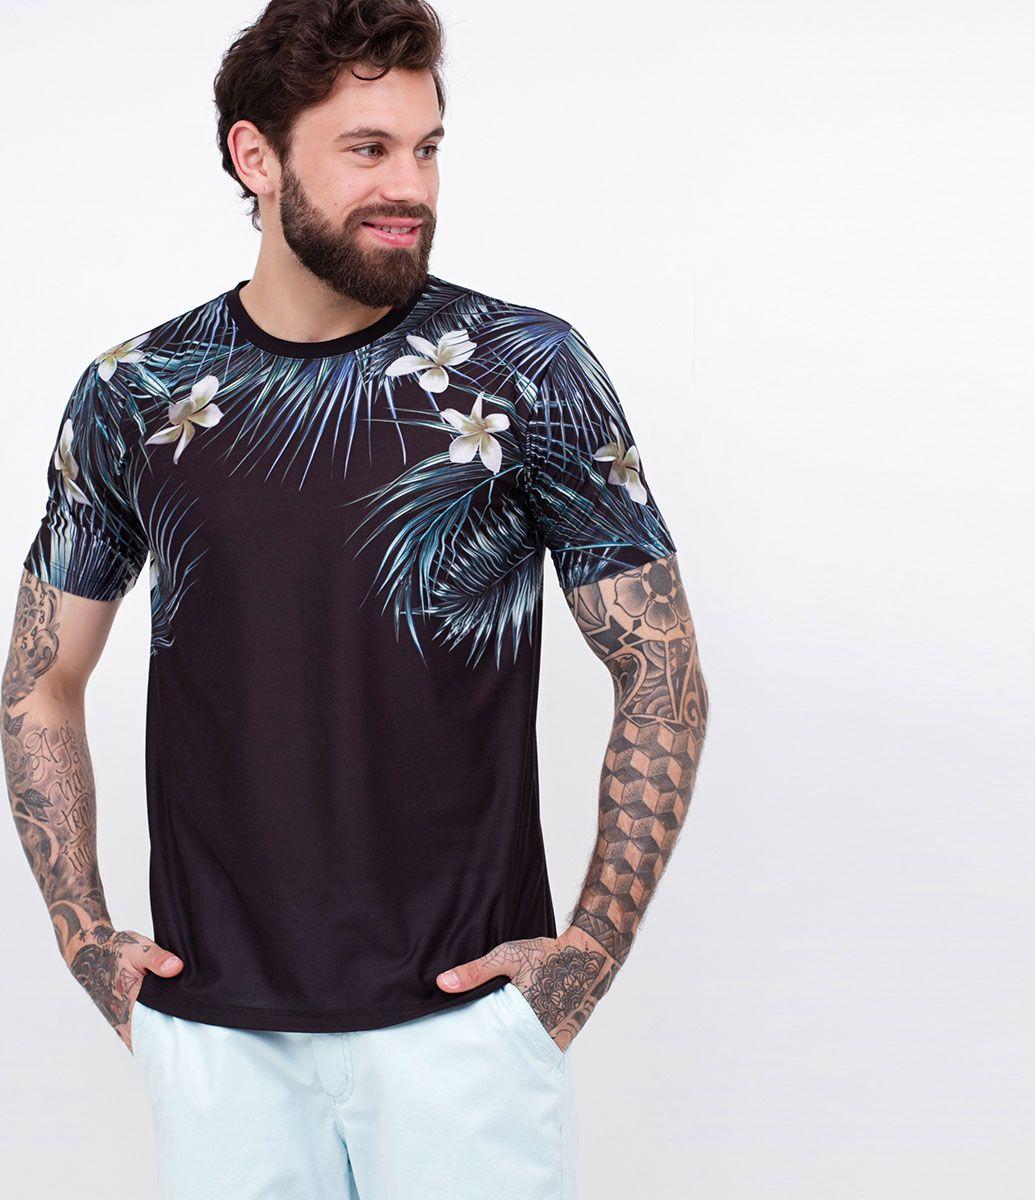 f792900ad Camiseta masculina Manga curta Estampada Marca  Blue Steel Tecido  meia  malha Composição  98% algodão 2% poliéster Modelo veste tamanho  M COLEÇÃO  VERÃO ...